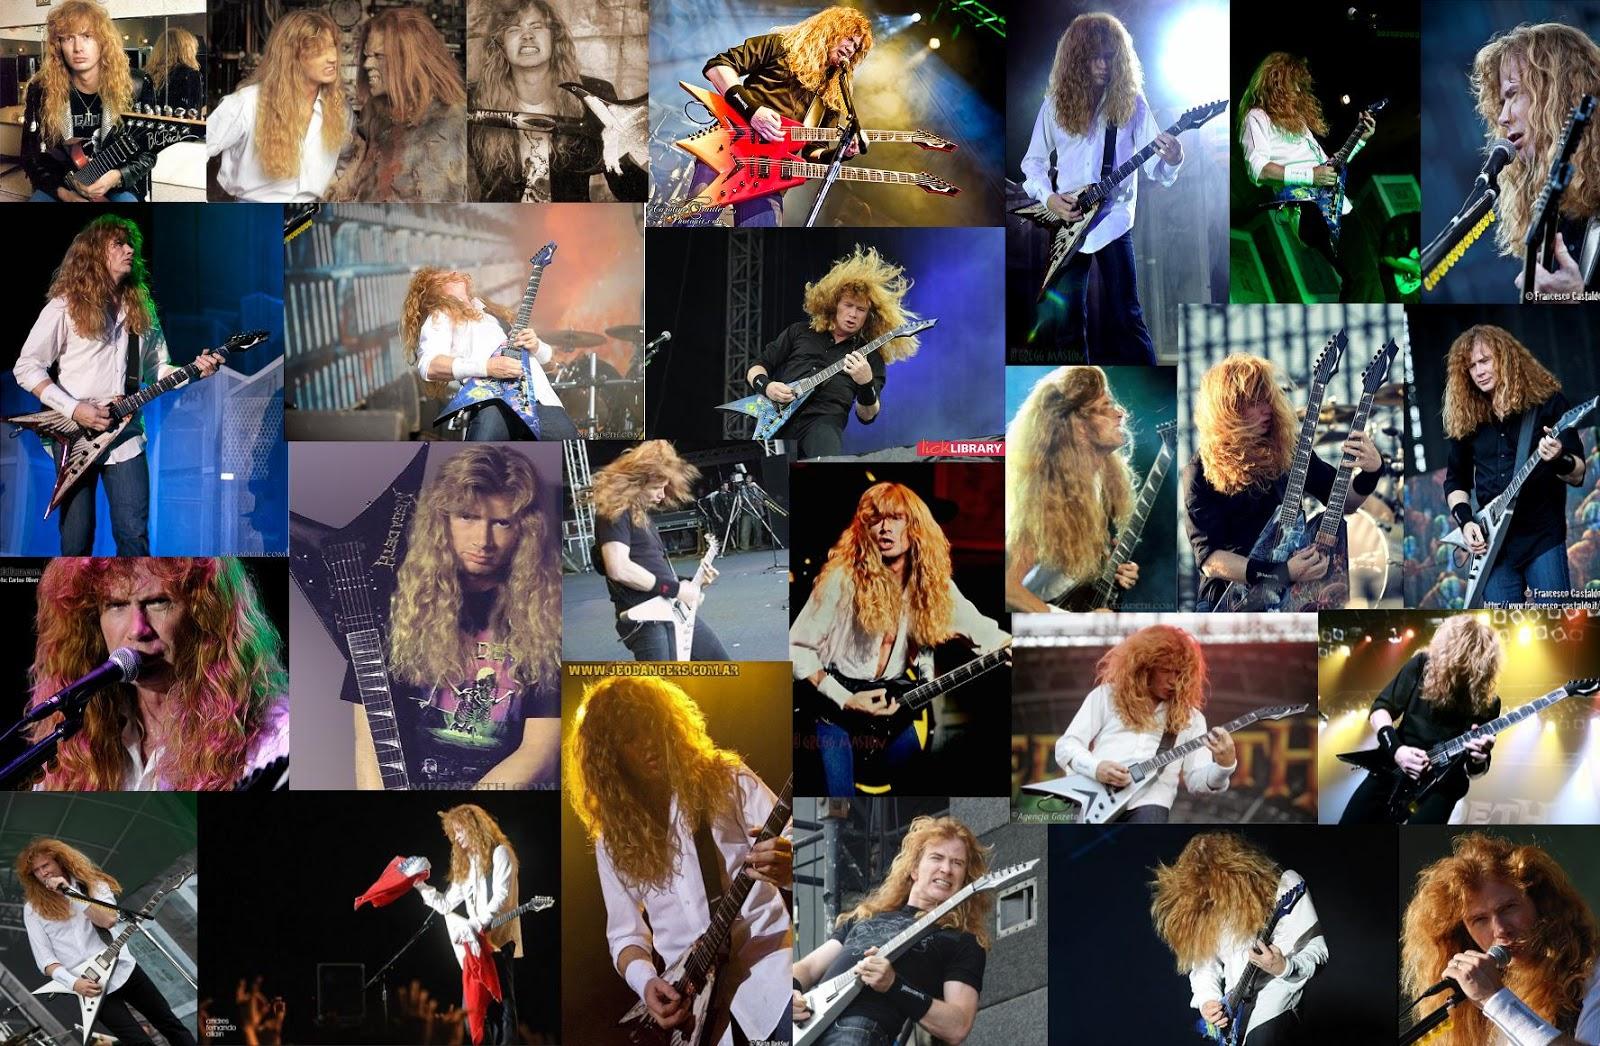 http://3.bp.blogspot.com/-ItMoZBvUIUQ/UVuVbXftTsI/AAAAAAAAIlY/RJUNN3Pal2M/s1600/Dave-Mustaine-Wallpaper-megadeth-26968048-1776-1161.jpg